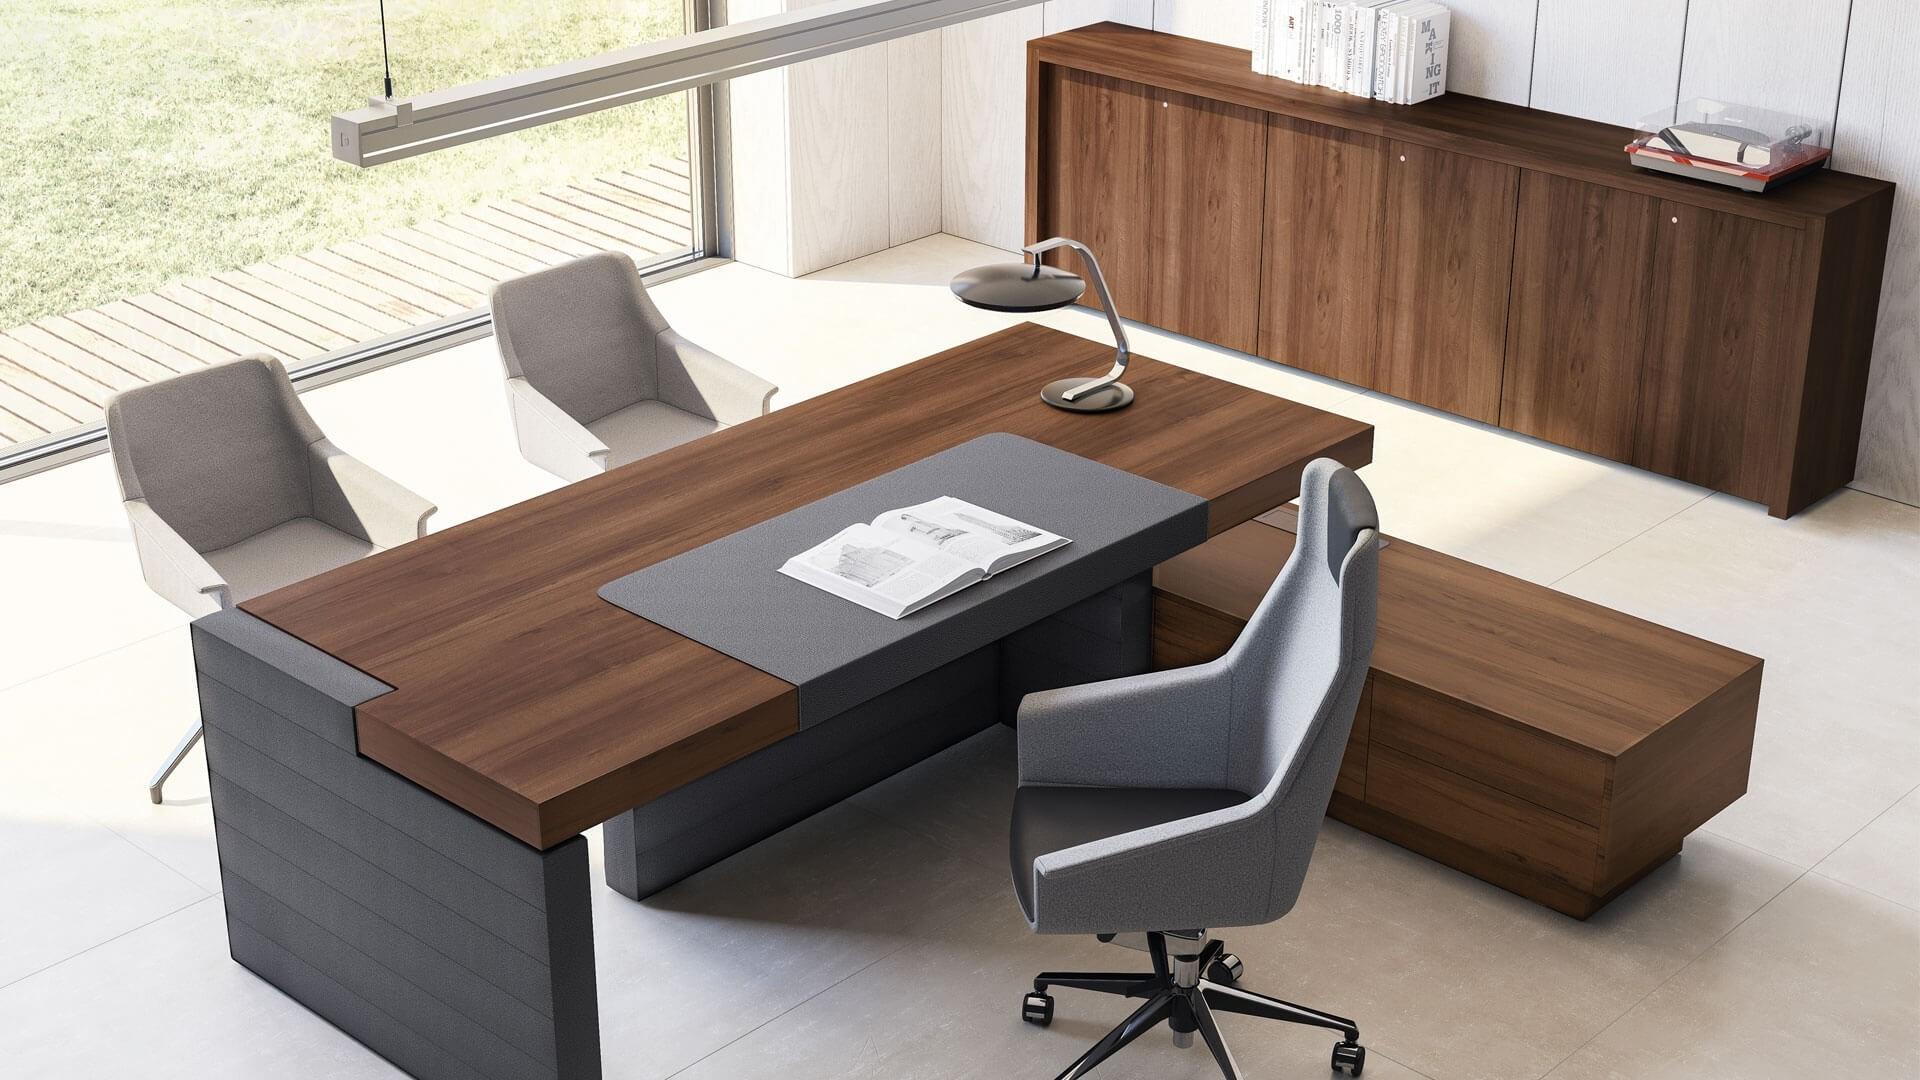 Scrivania direzionale jera mobili per ufficio for Dimensioni mobili ufficio